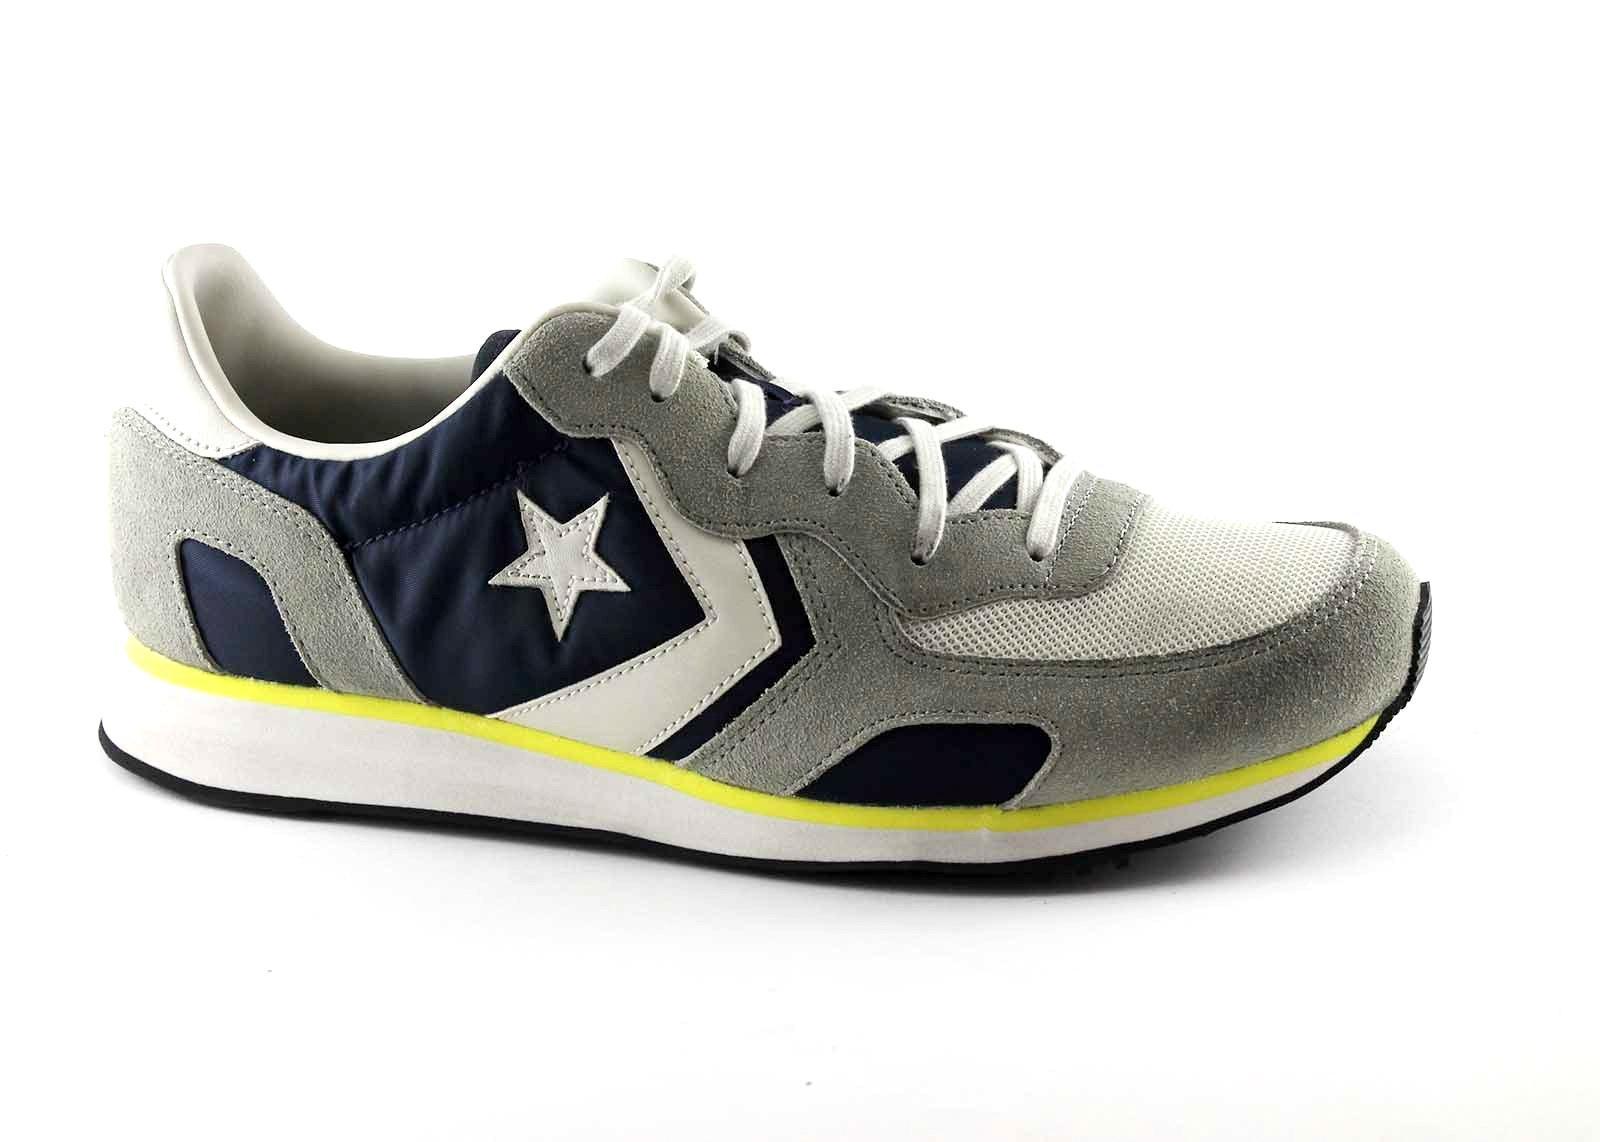 CONVERSE-156754C-navy-grey-blu-grigio-scarpe-uomo-sneakers-lacci